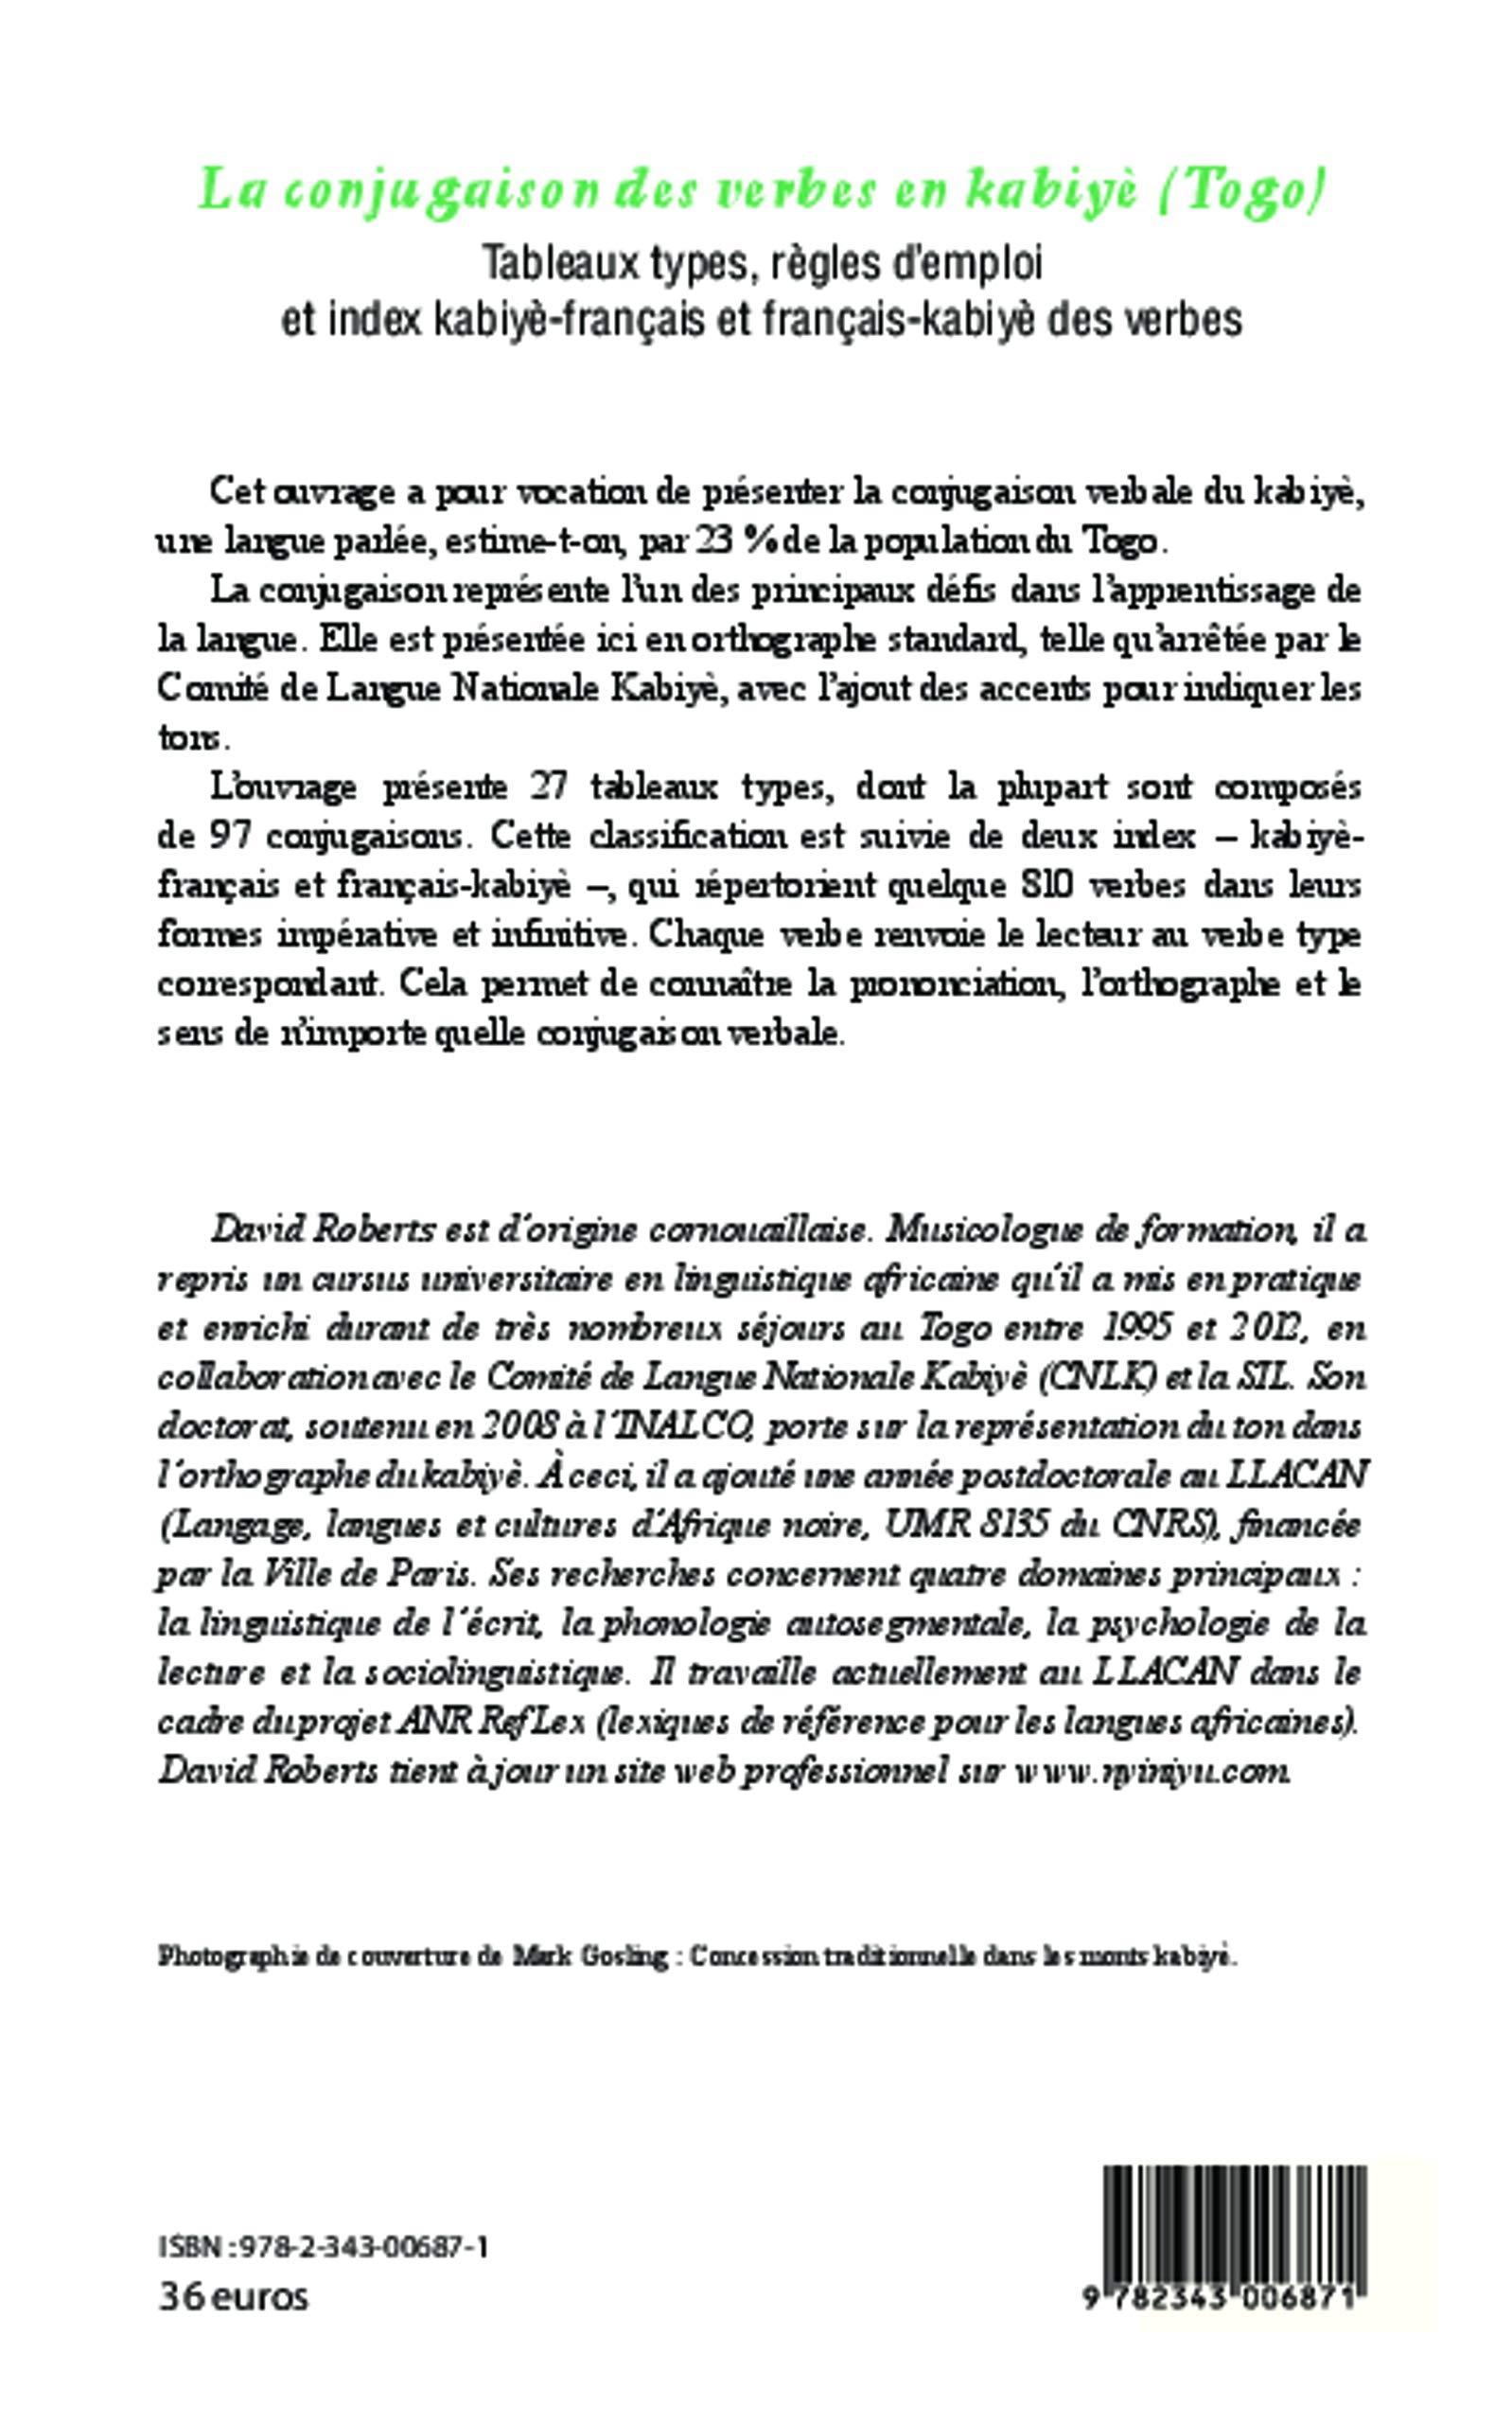 La Conjugaison Des Verbes En Kabiye Togo Tableaux Types Regles D Emploi Et Index Kabiye Francais Et Francais Kabiye Des Verbes French Edition Roberts David 9782343006871 Amazon Com Books